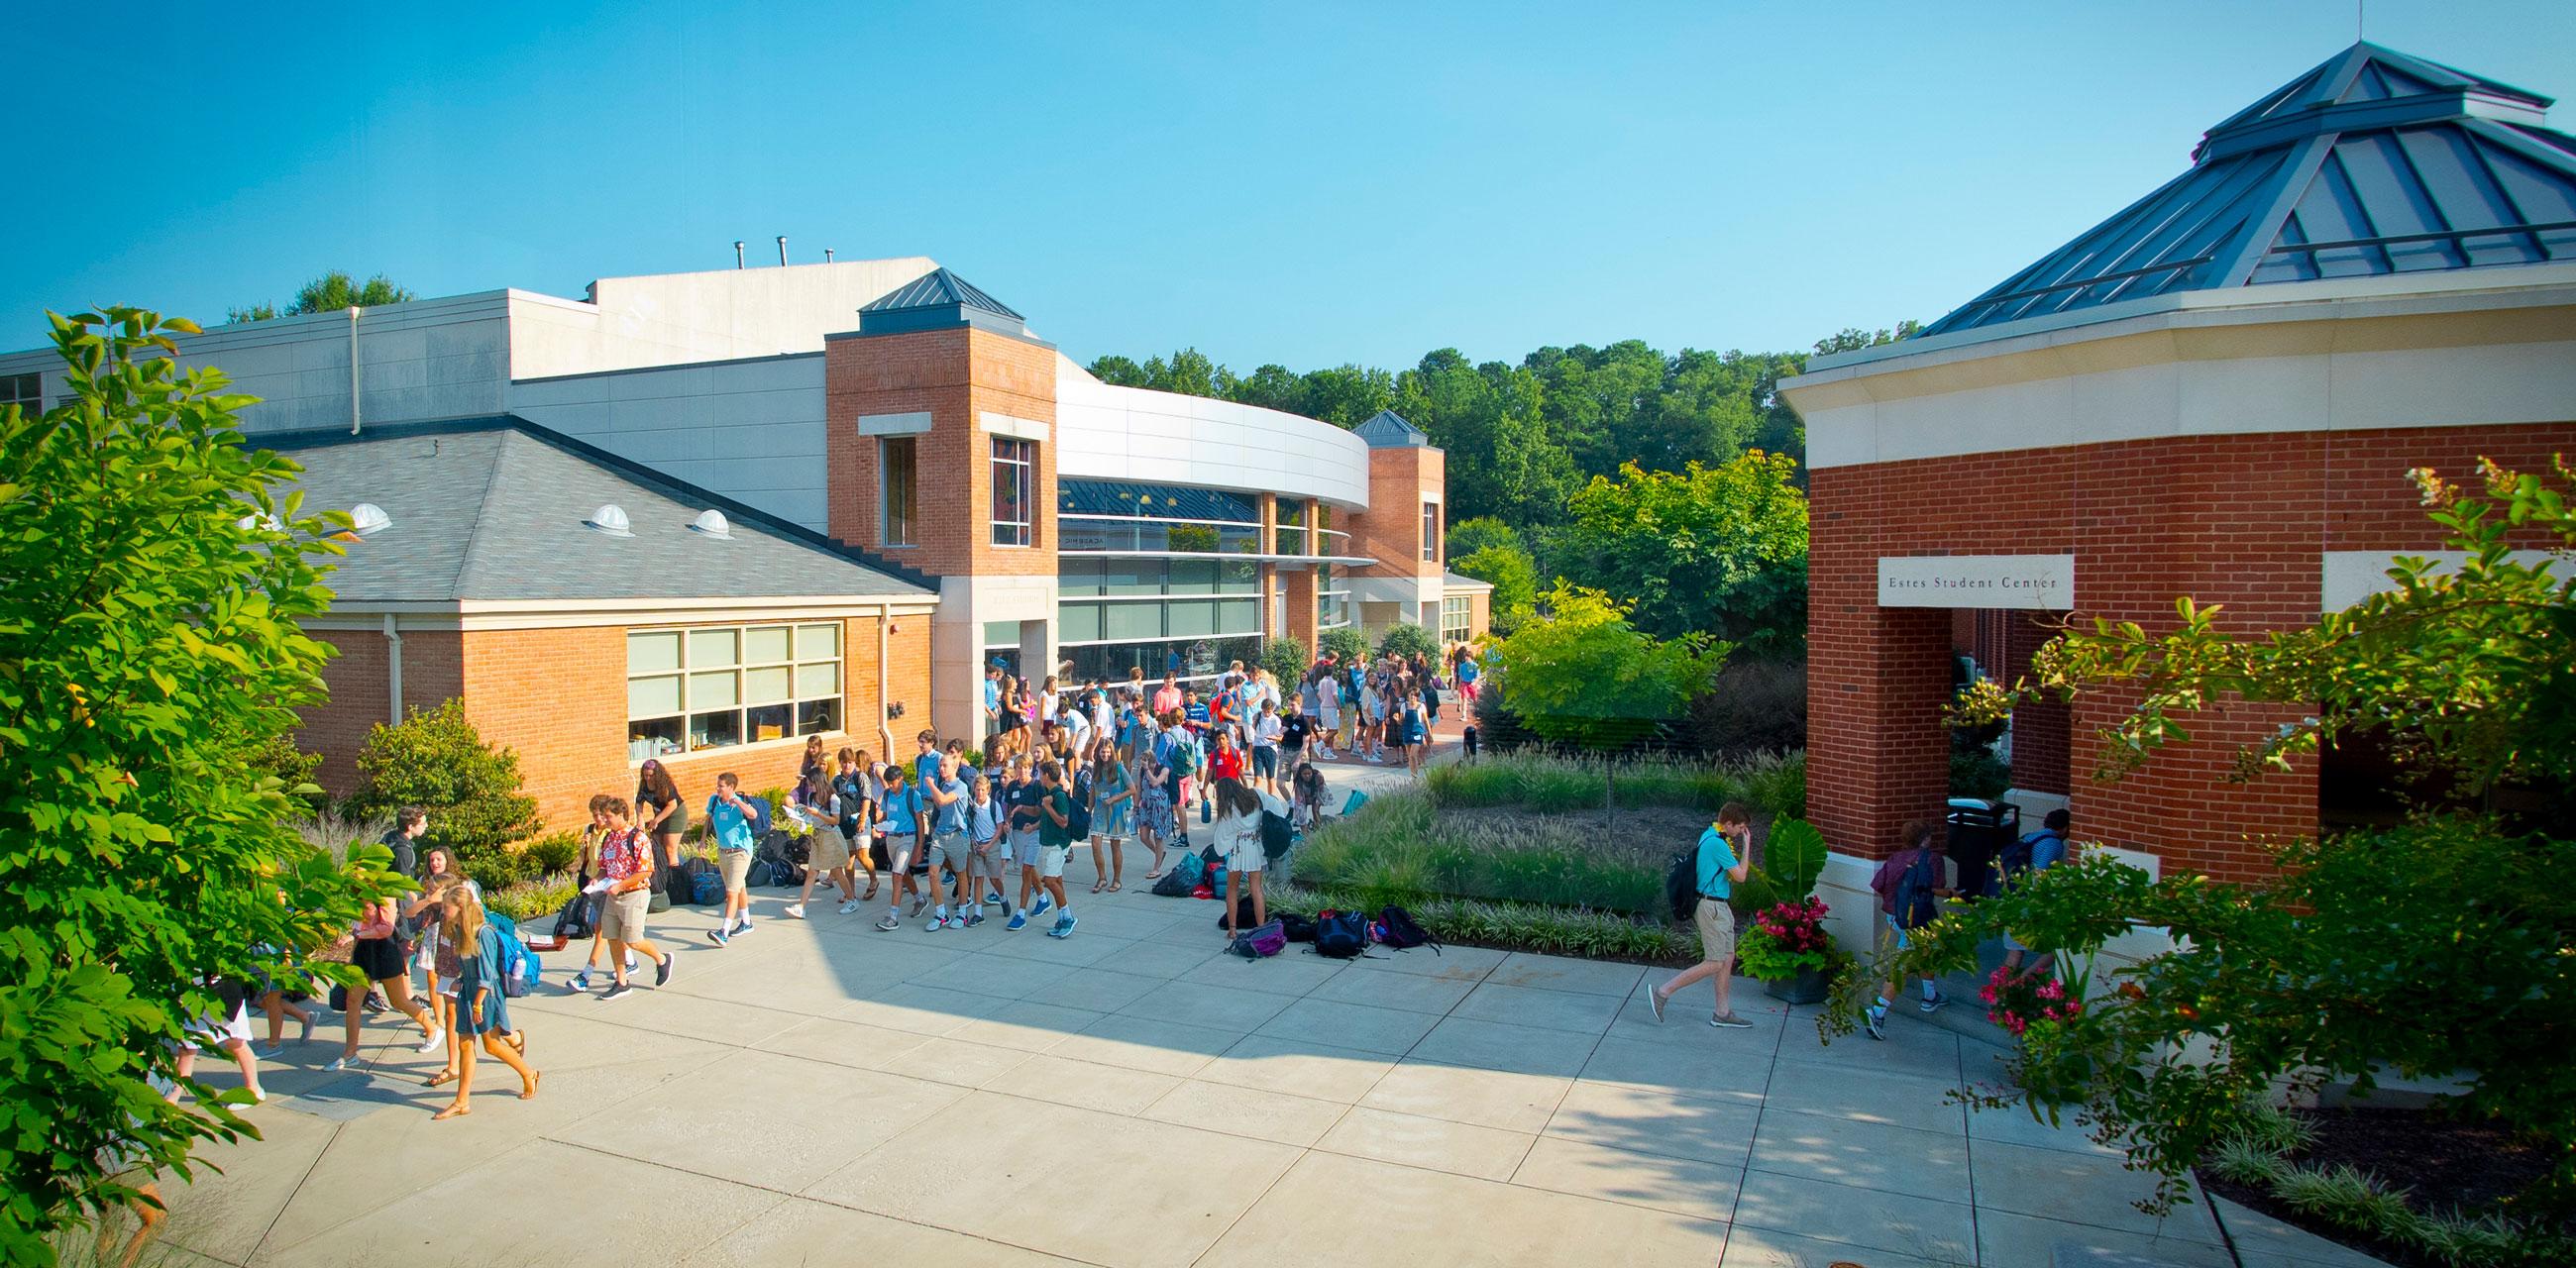 Collegiate campus